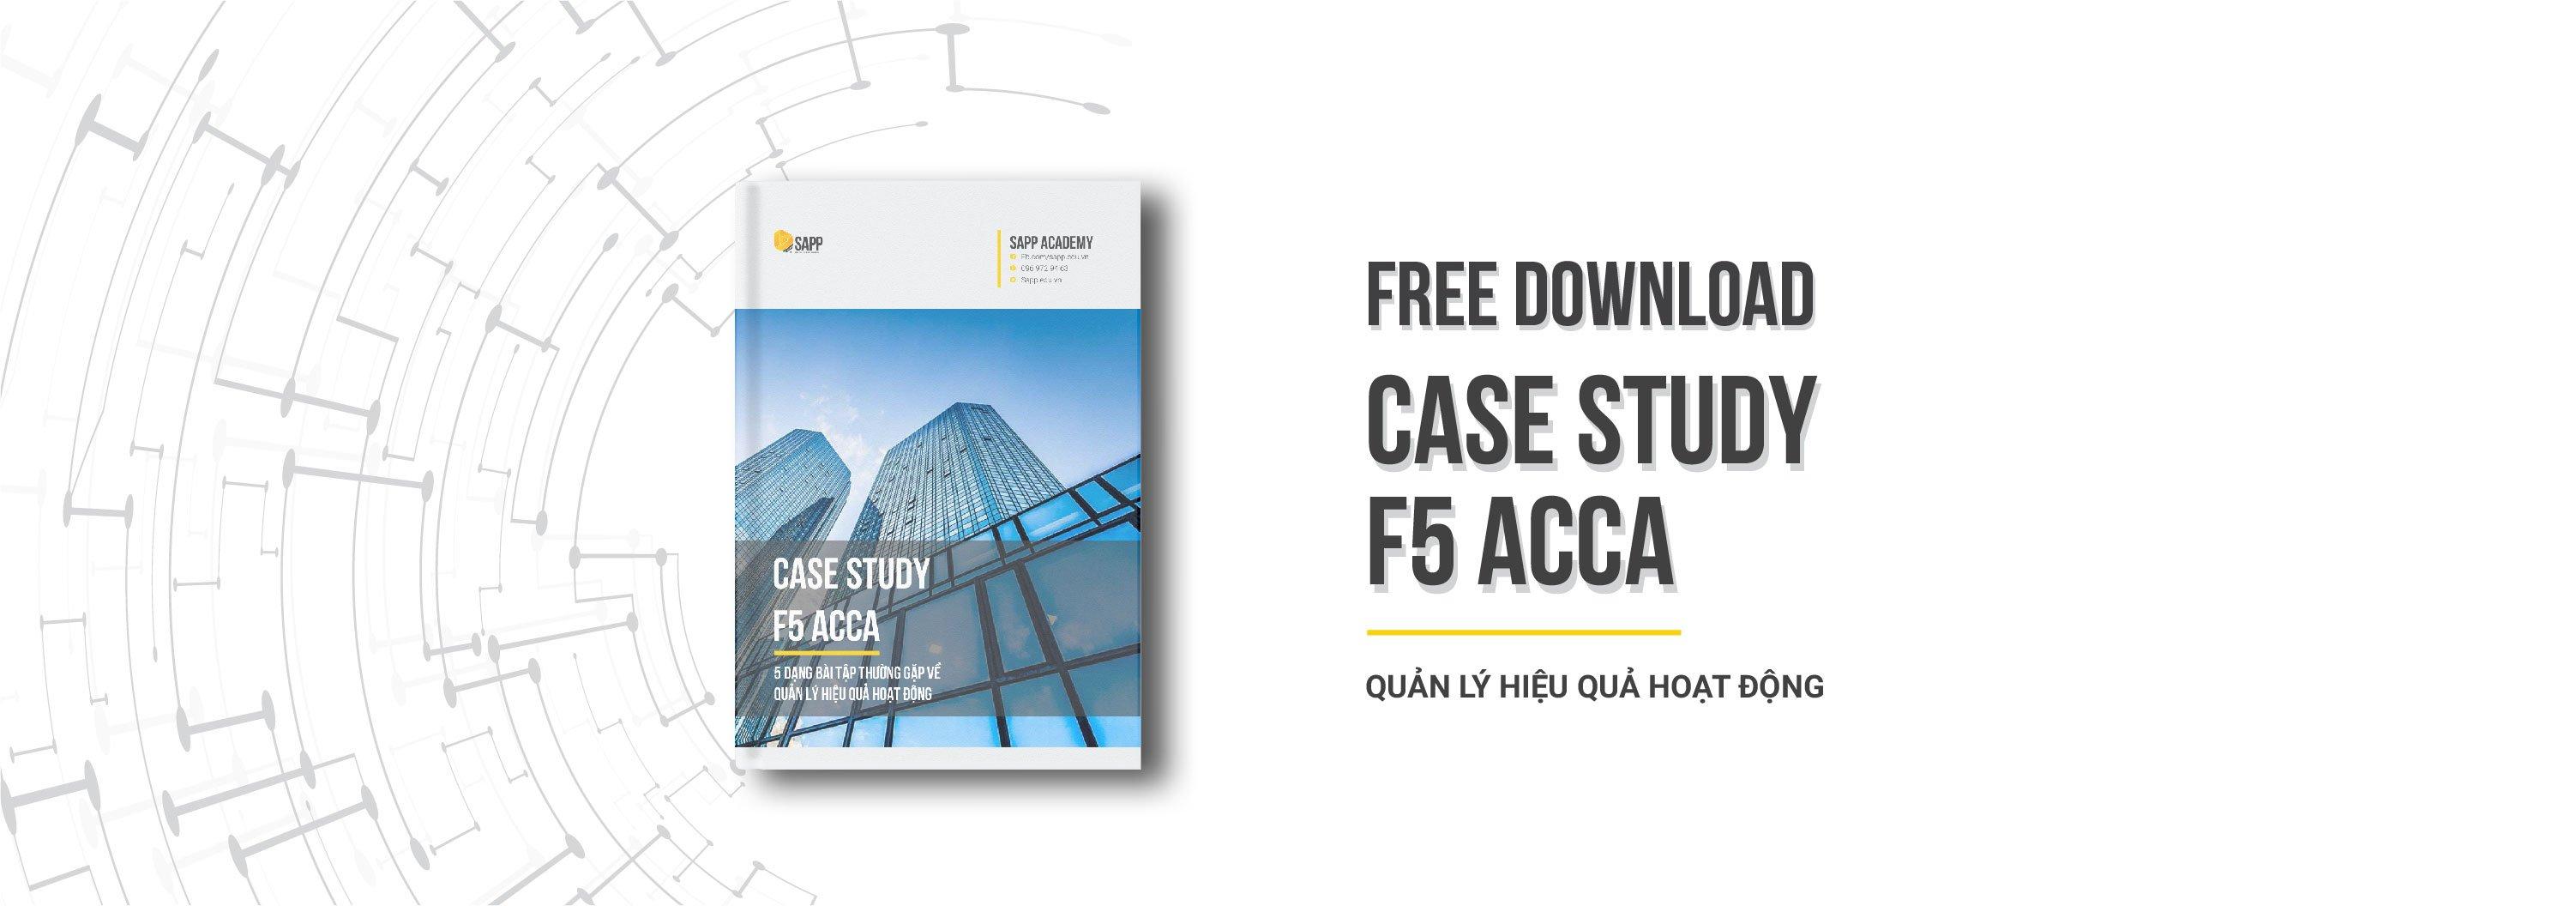 Case Study F5 ACCA - 5 Dạng Bài Tập Phổ Biến Về Quản Lý Hiệu Quả Hoạt Động